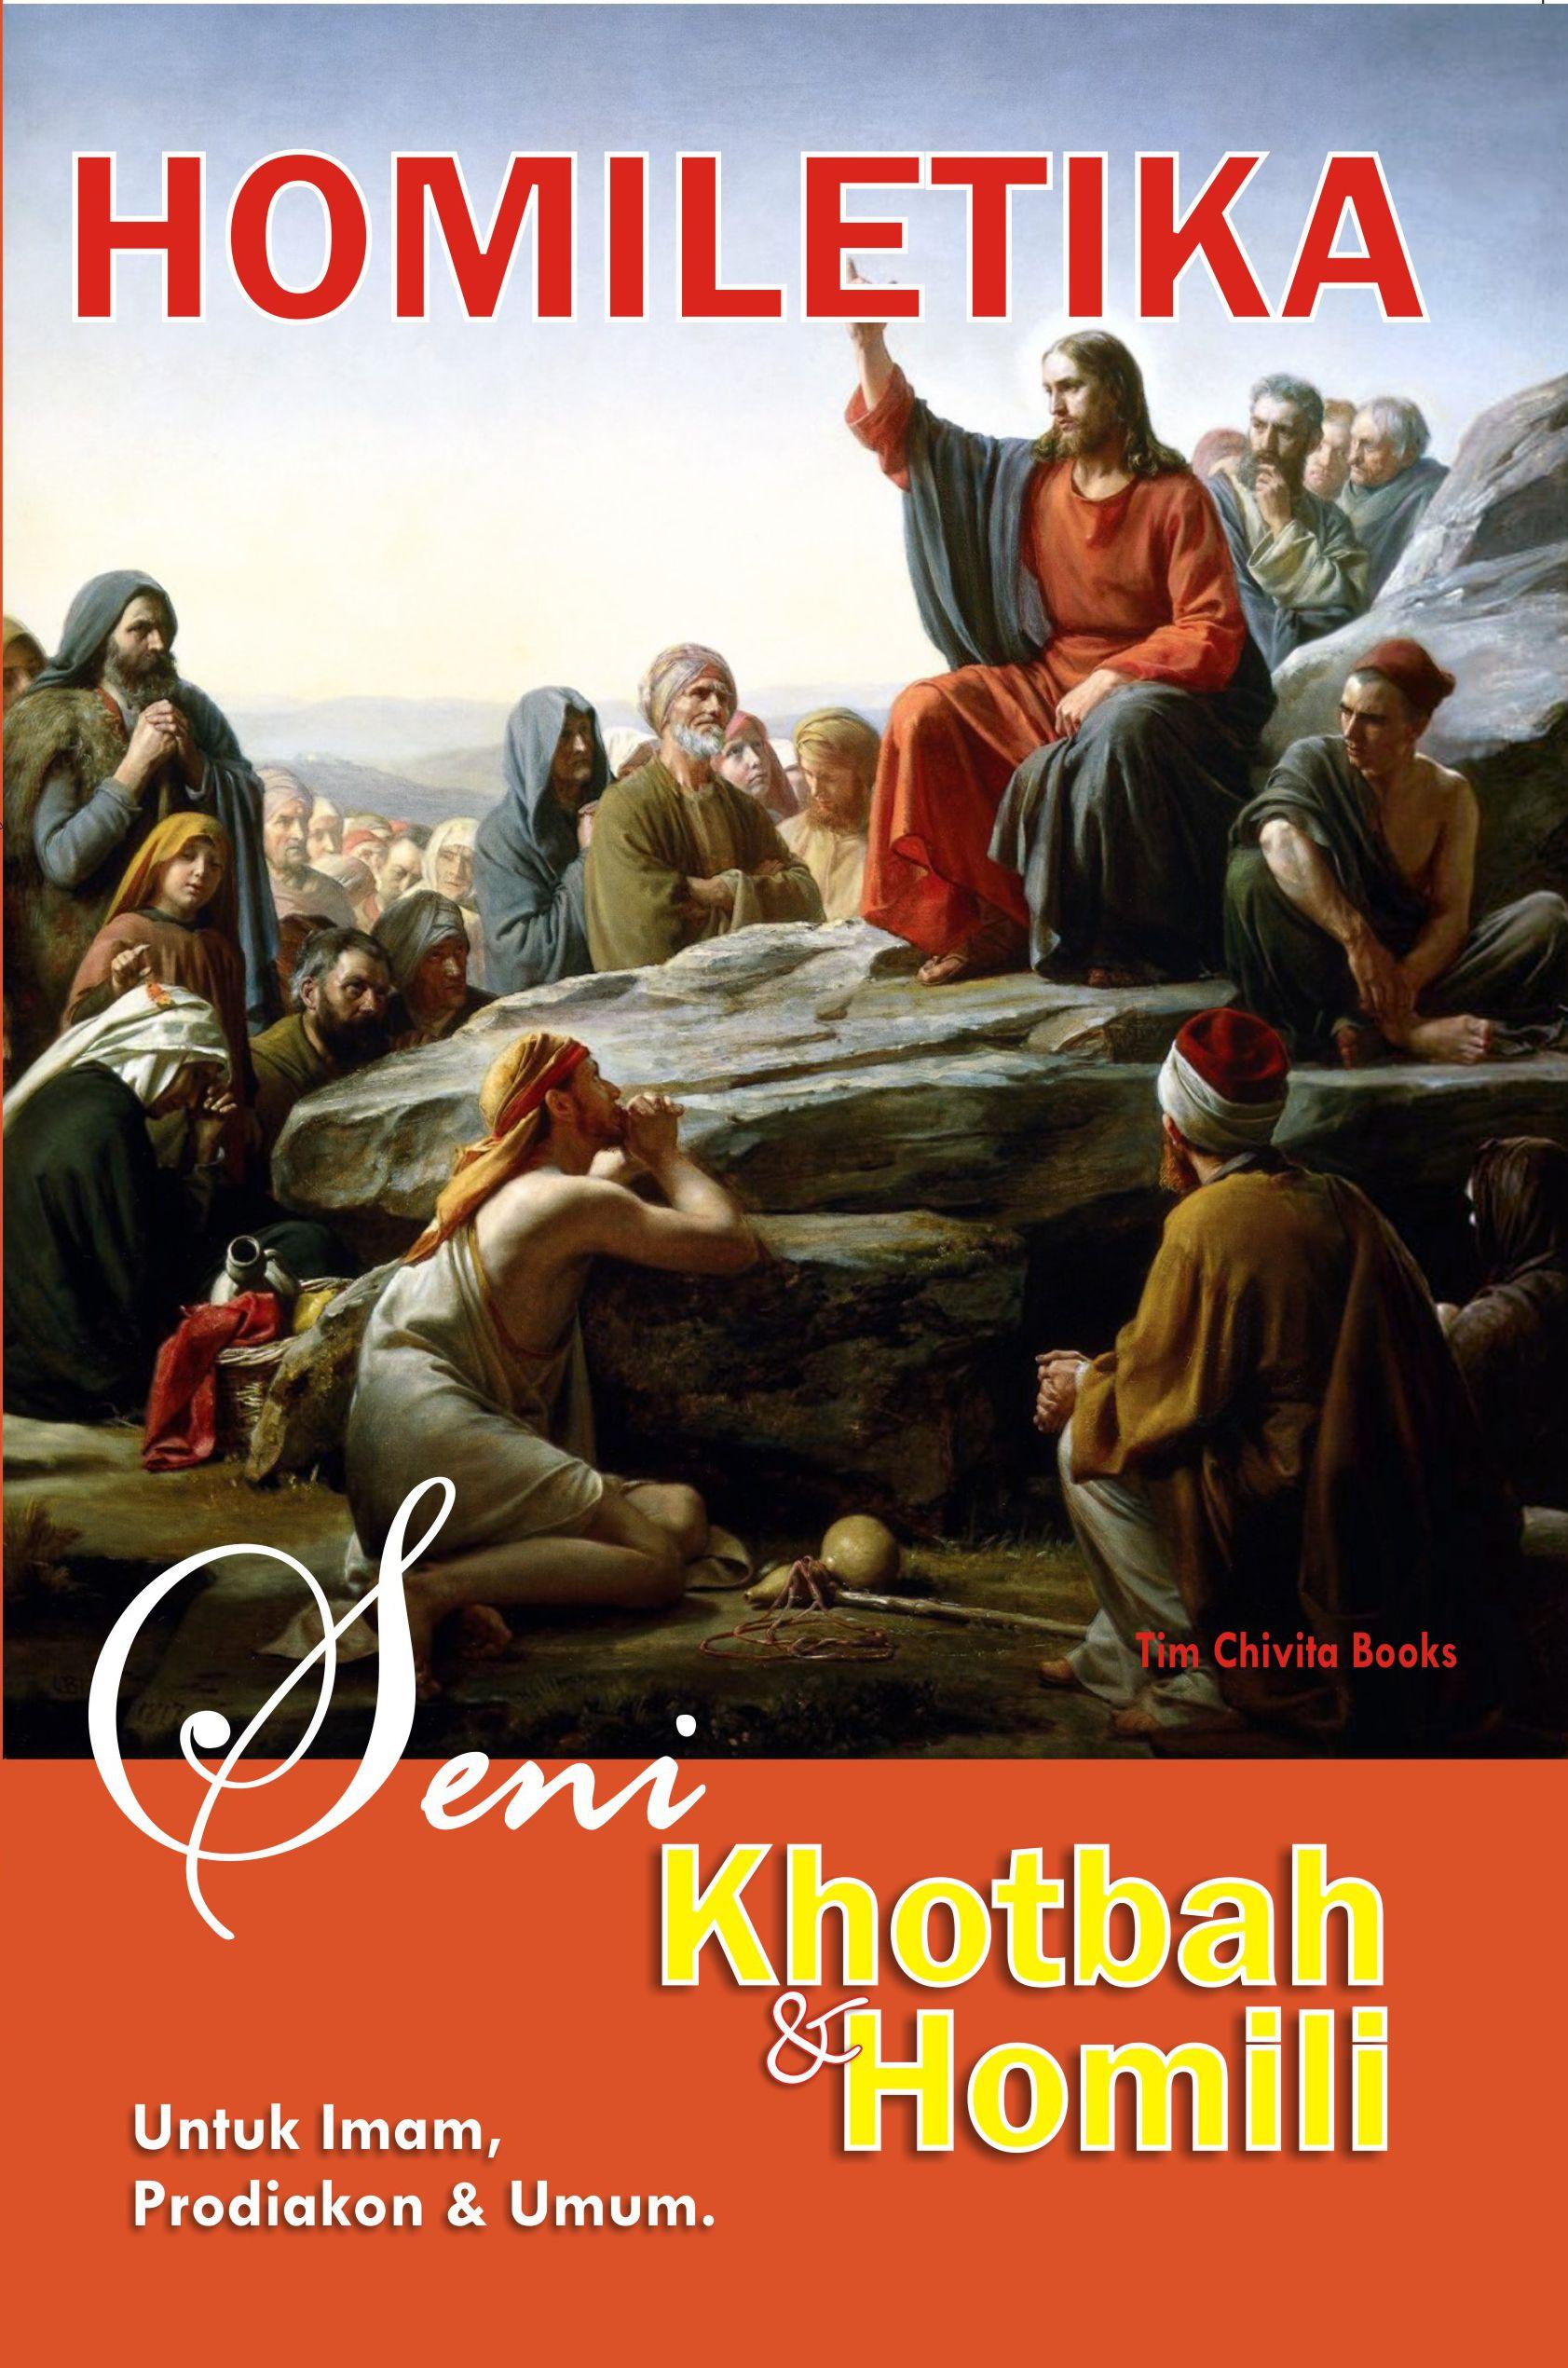 kotbah dan homili - HOMILETIKA: Seni Khotbah dan Homili